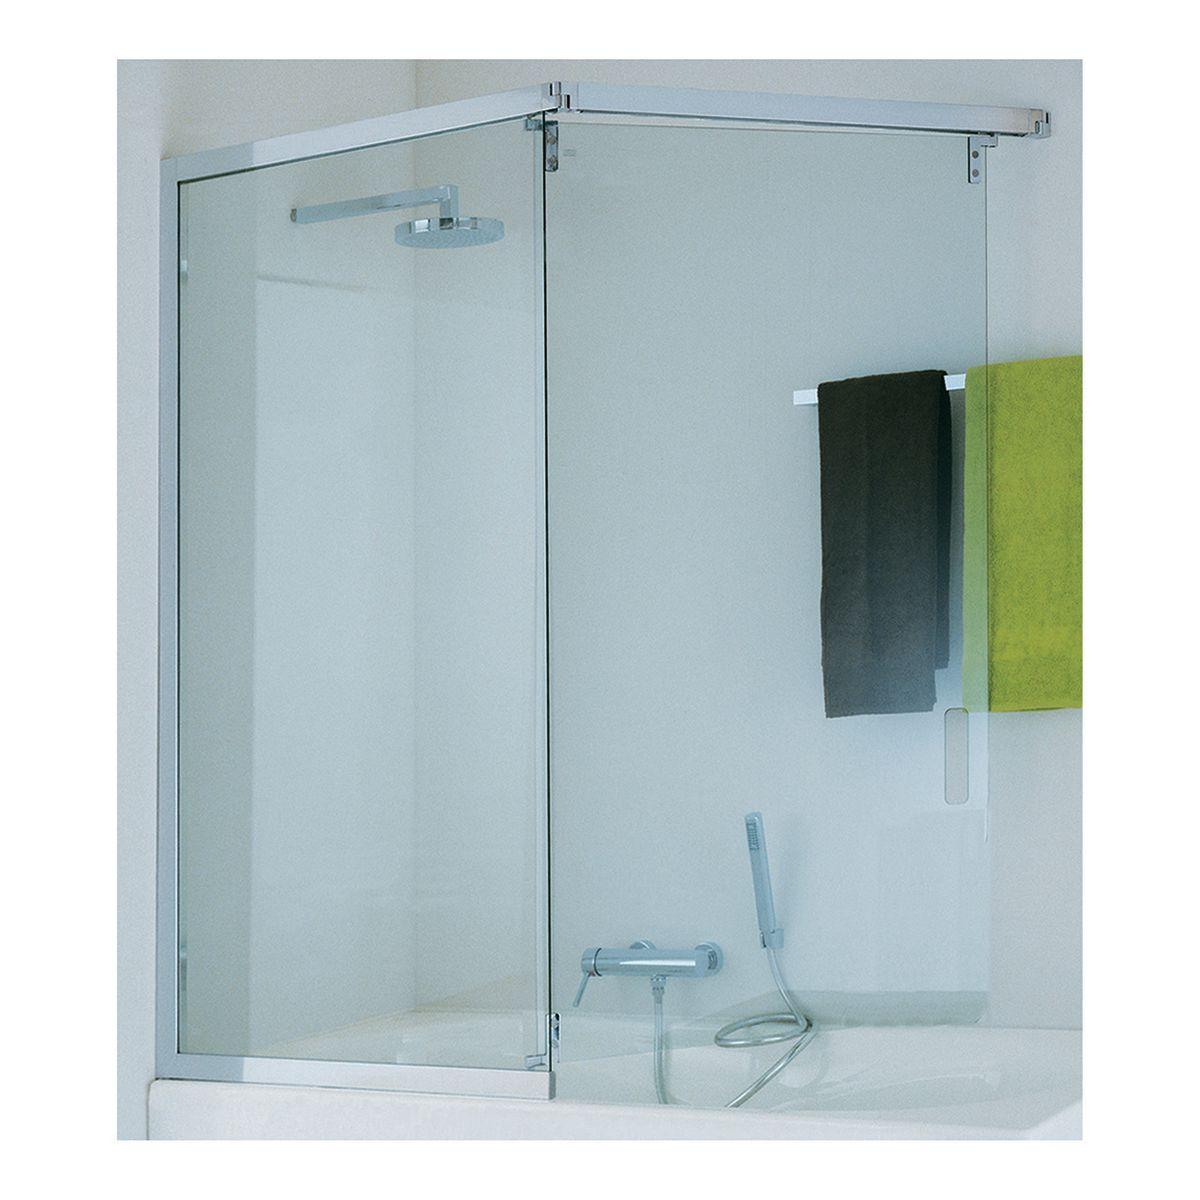 Pareti vasca: prezzi e offerte online per pareti vasca 2